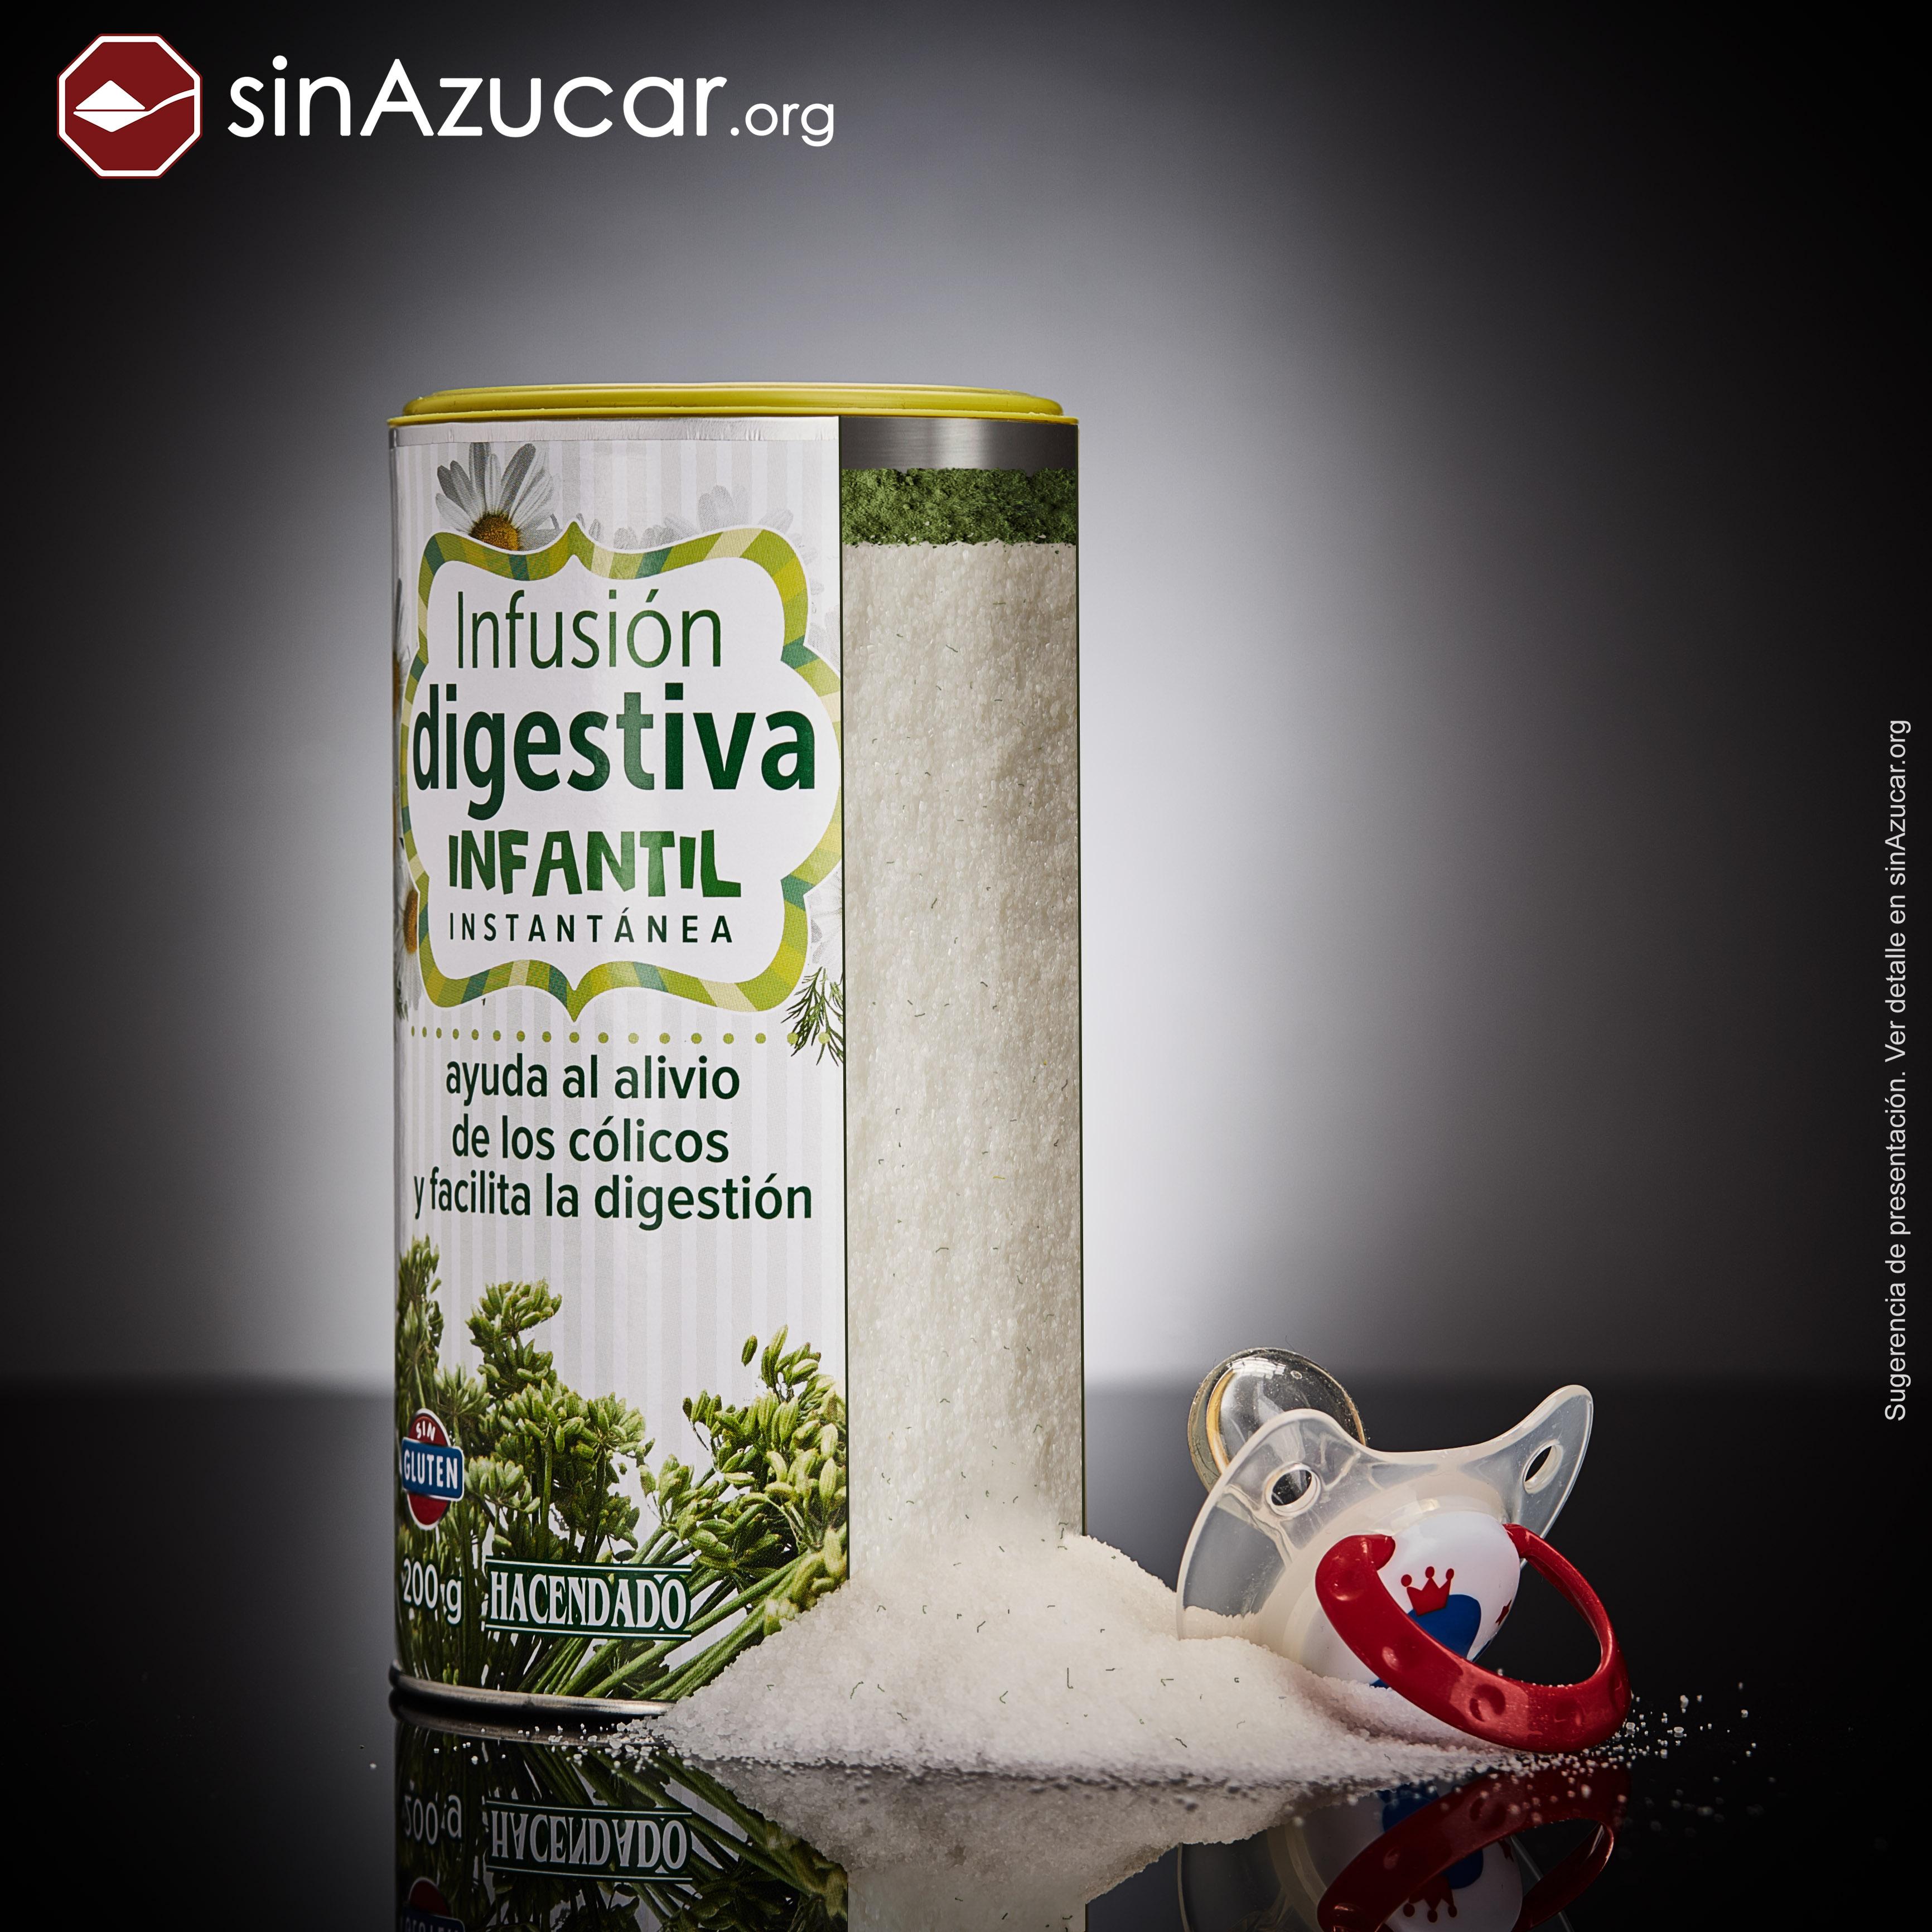 Un bote de Infusión digestiva infantil de Mercadona contiene el 90,1% de azúcar y un 4% de plantas.